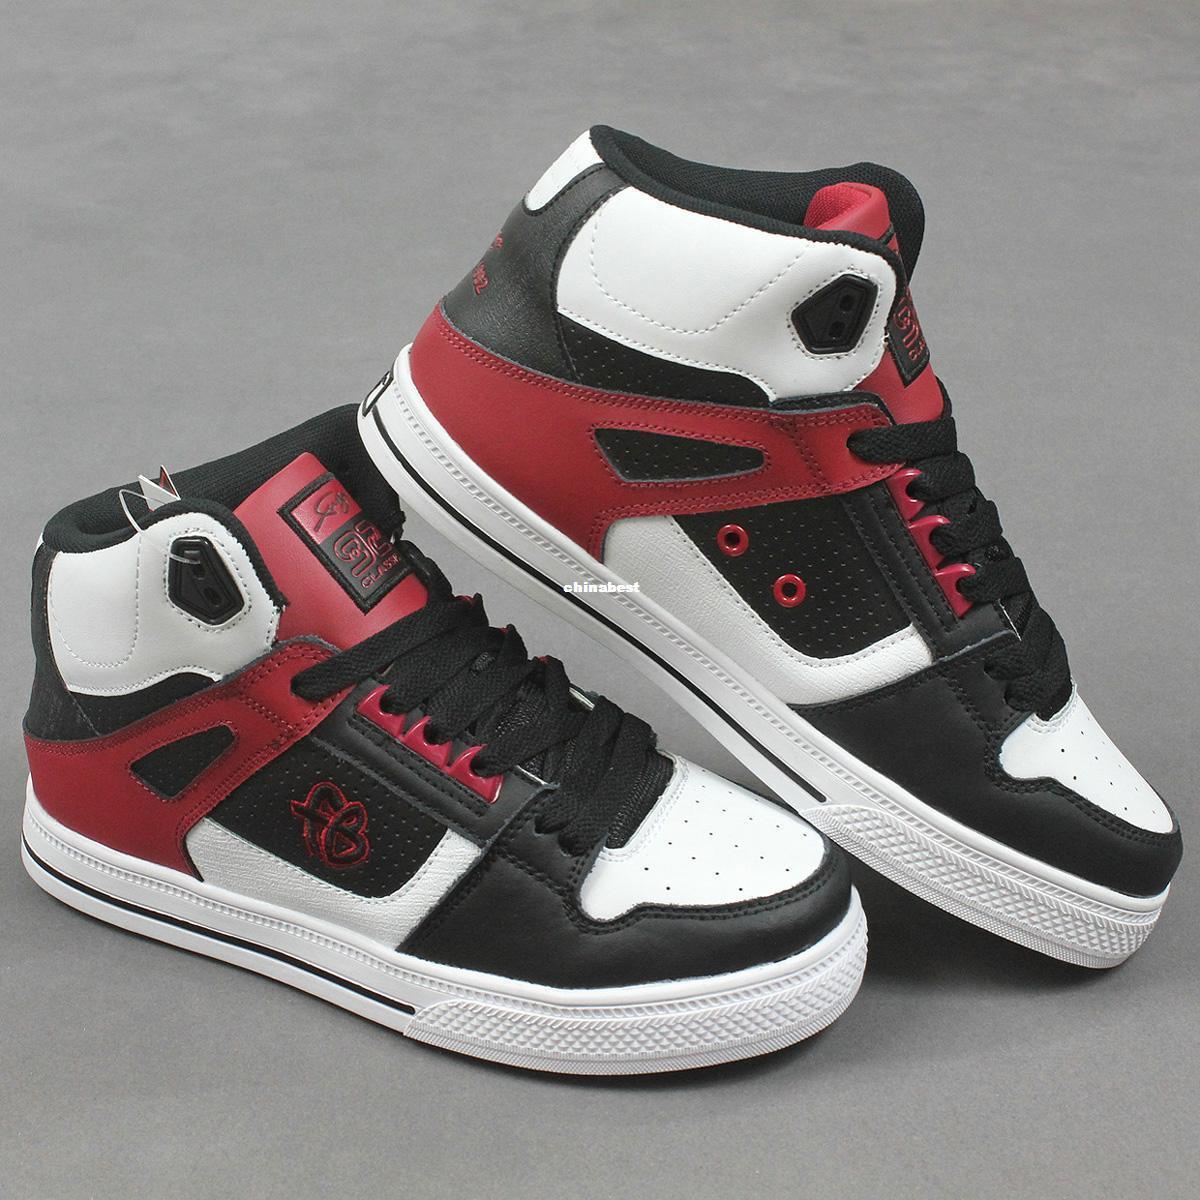 Fubu Men's Eagle Sneakers - Walmart.com